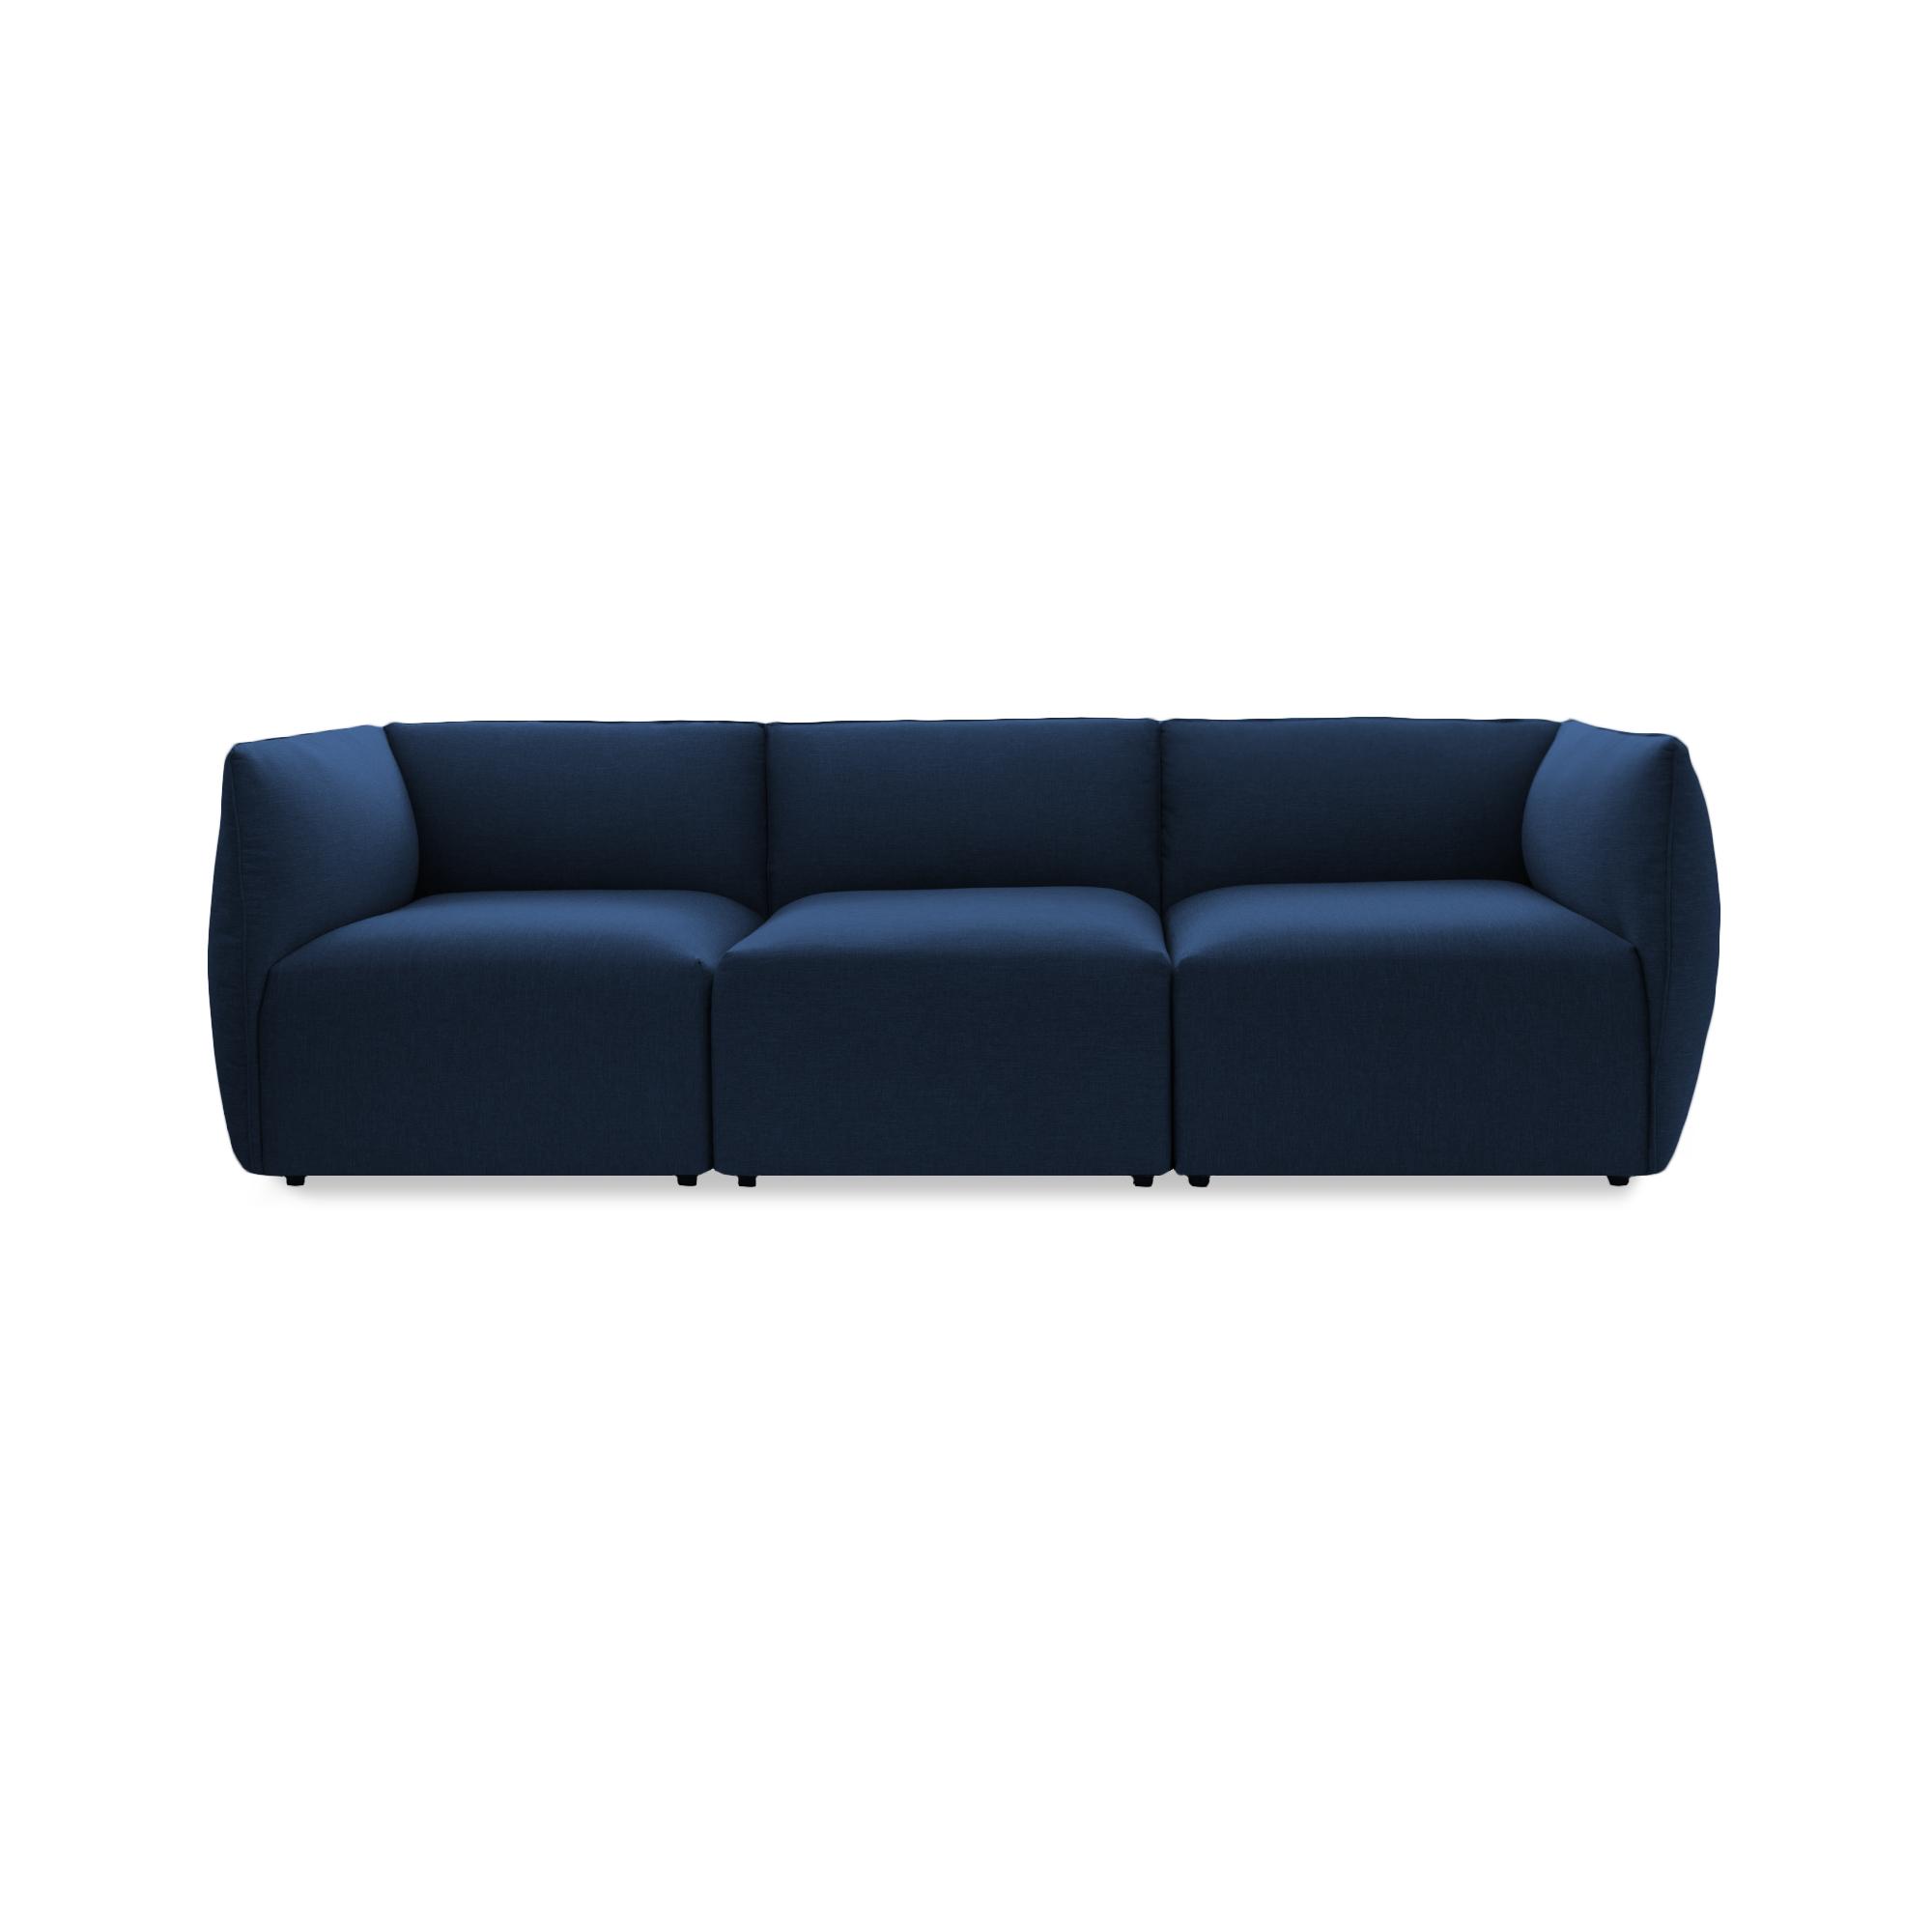 Canapea Fixa 3 locuri Cube Dark Blue